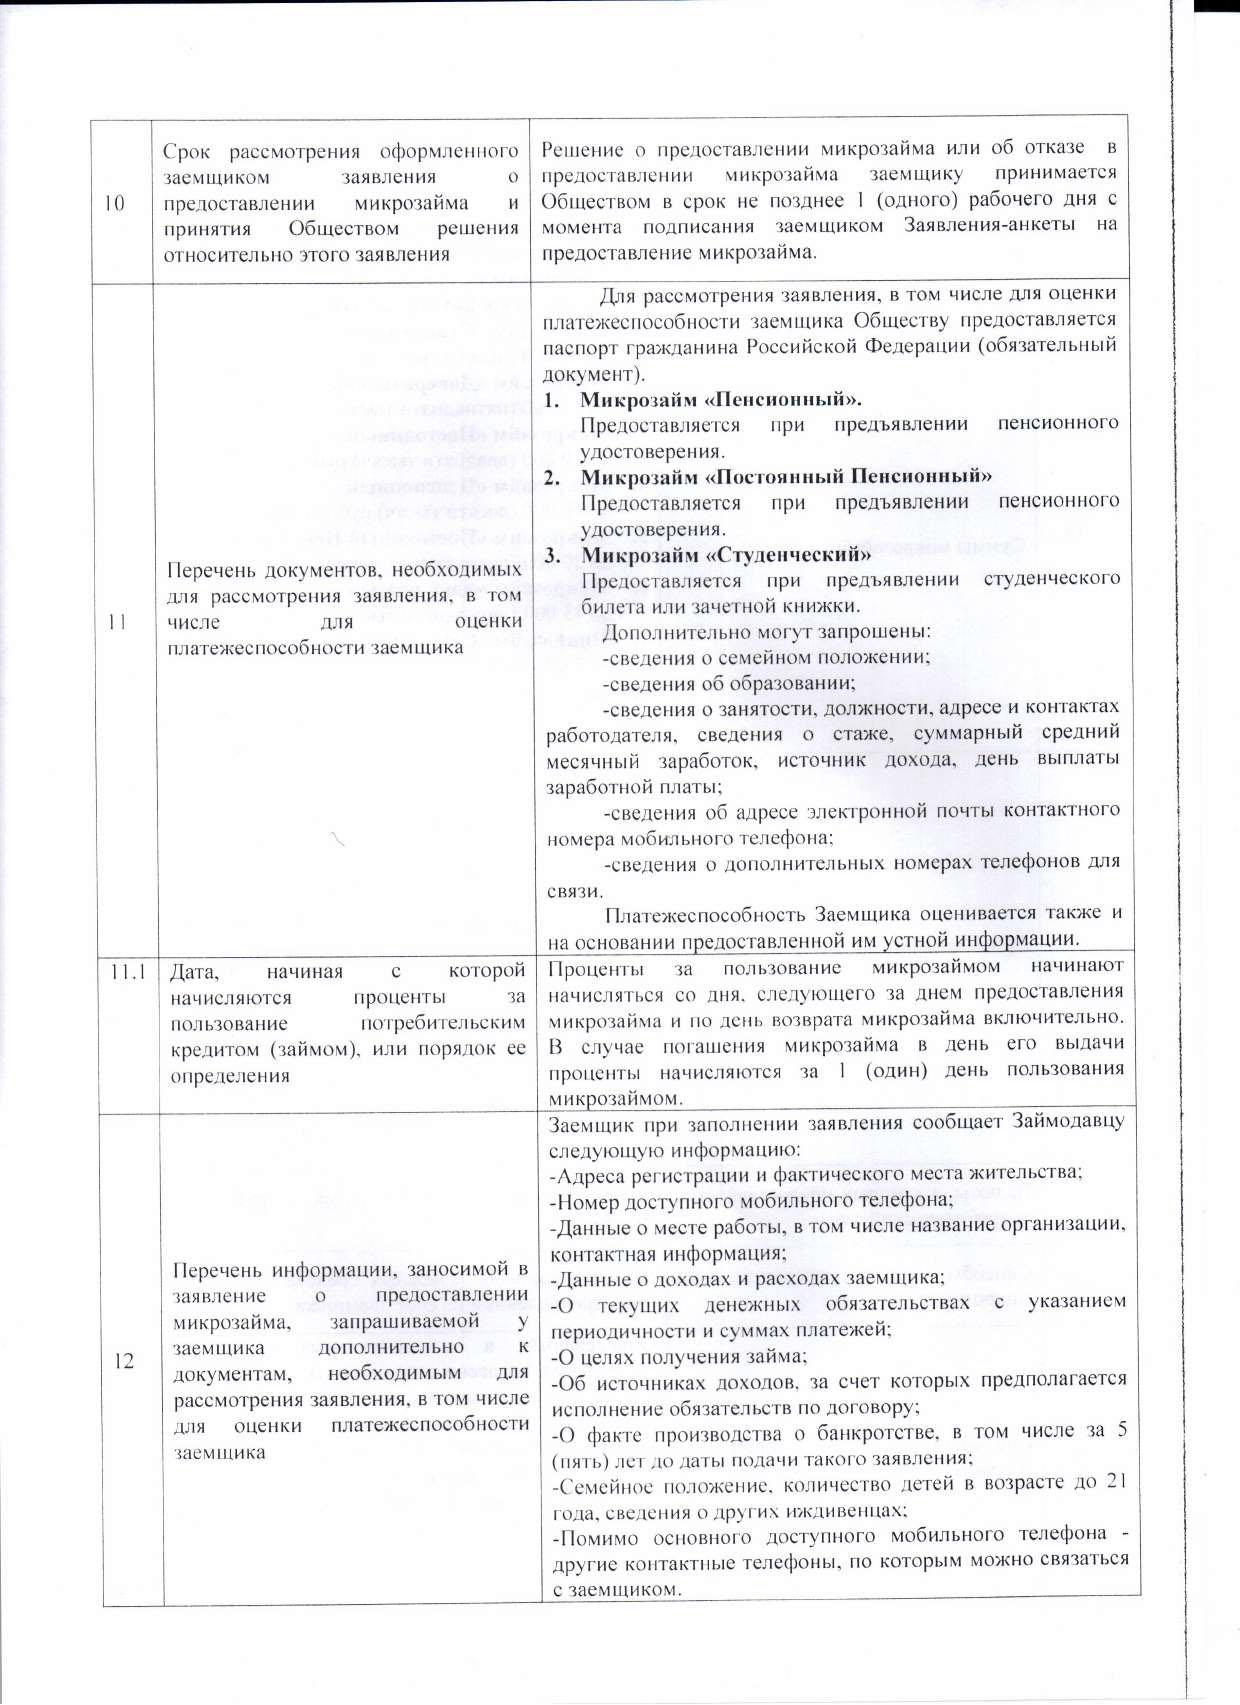 Информация об условиях предоставления, использования и возврата микрозаймов стр3